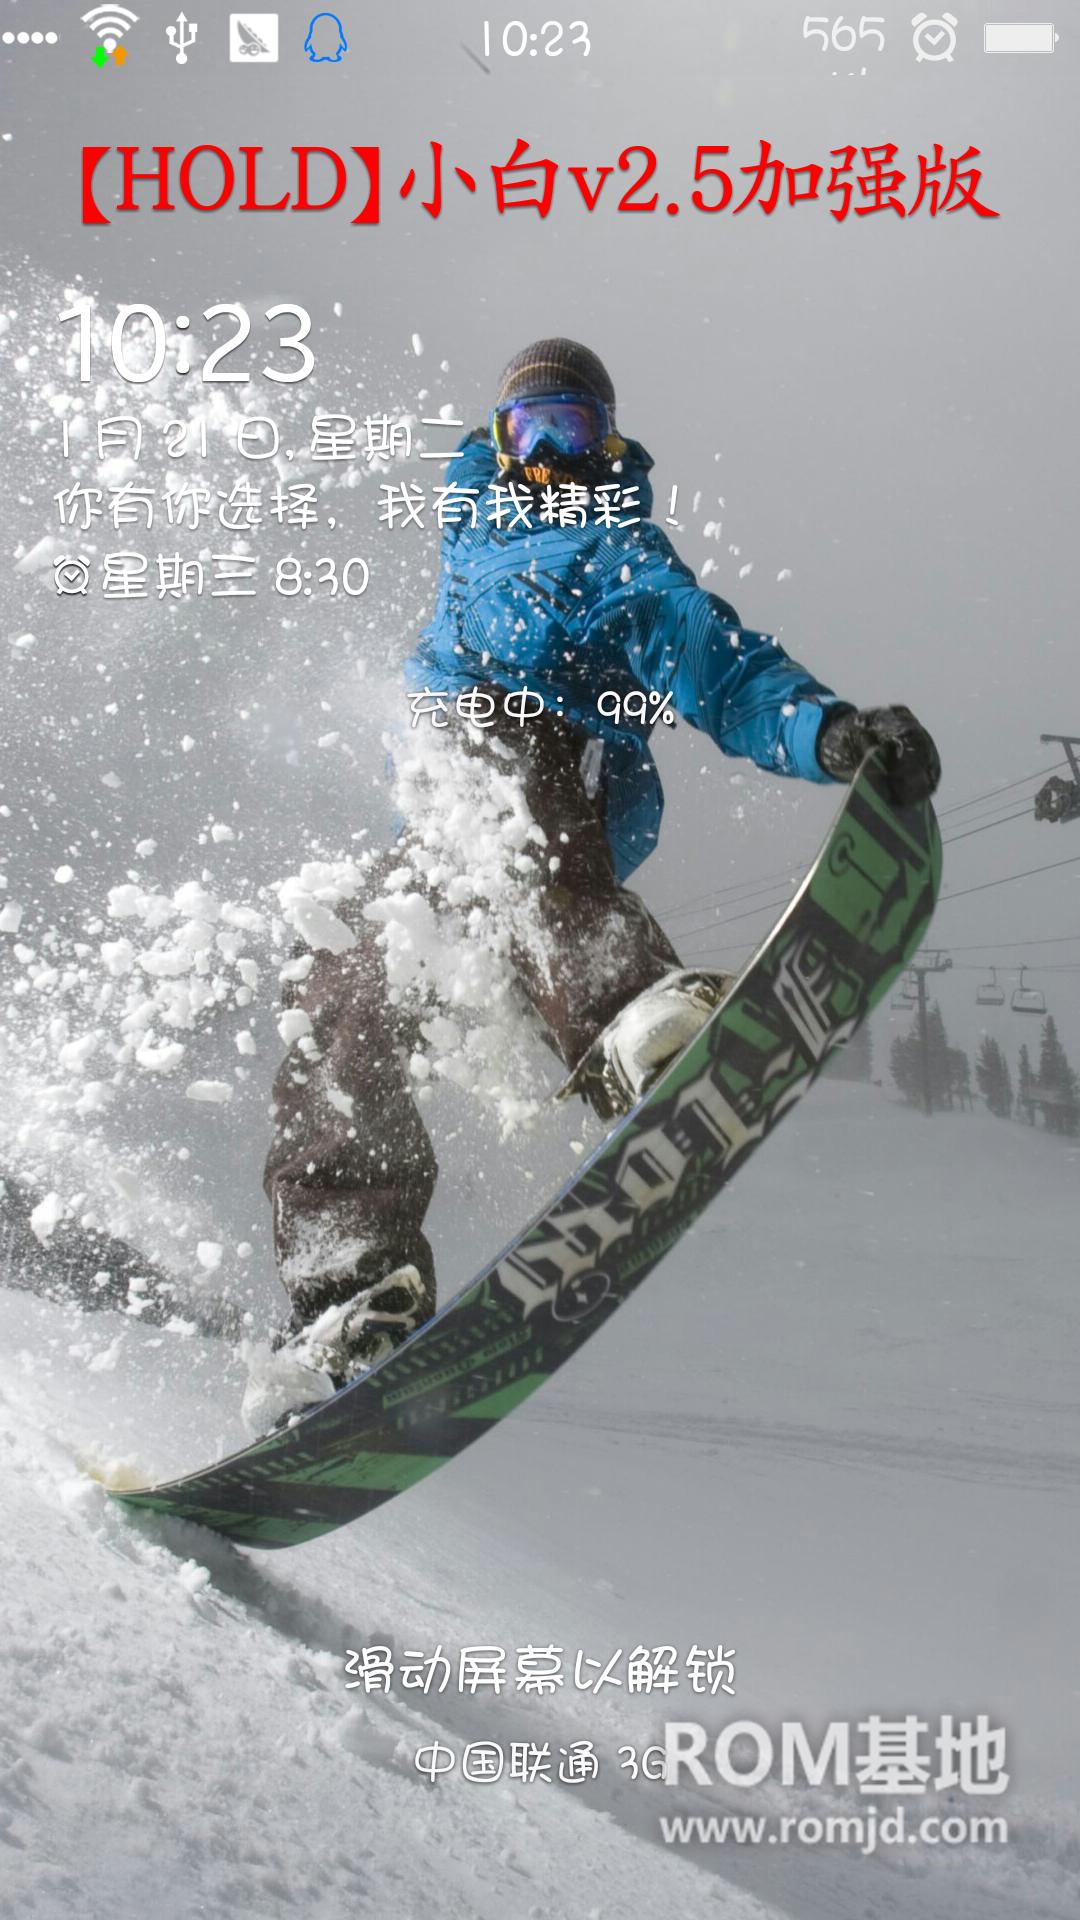 三星 n900刷机包 春节即将到来,隆重发布N900ZSUCML1_【HOLD】小白_V2.5加强版